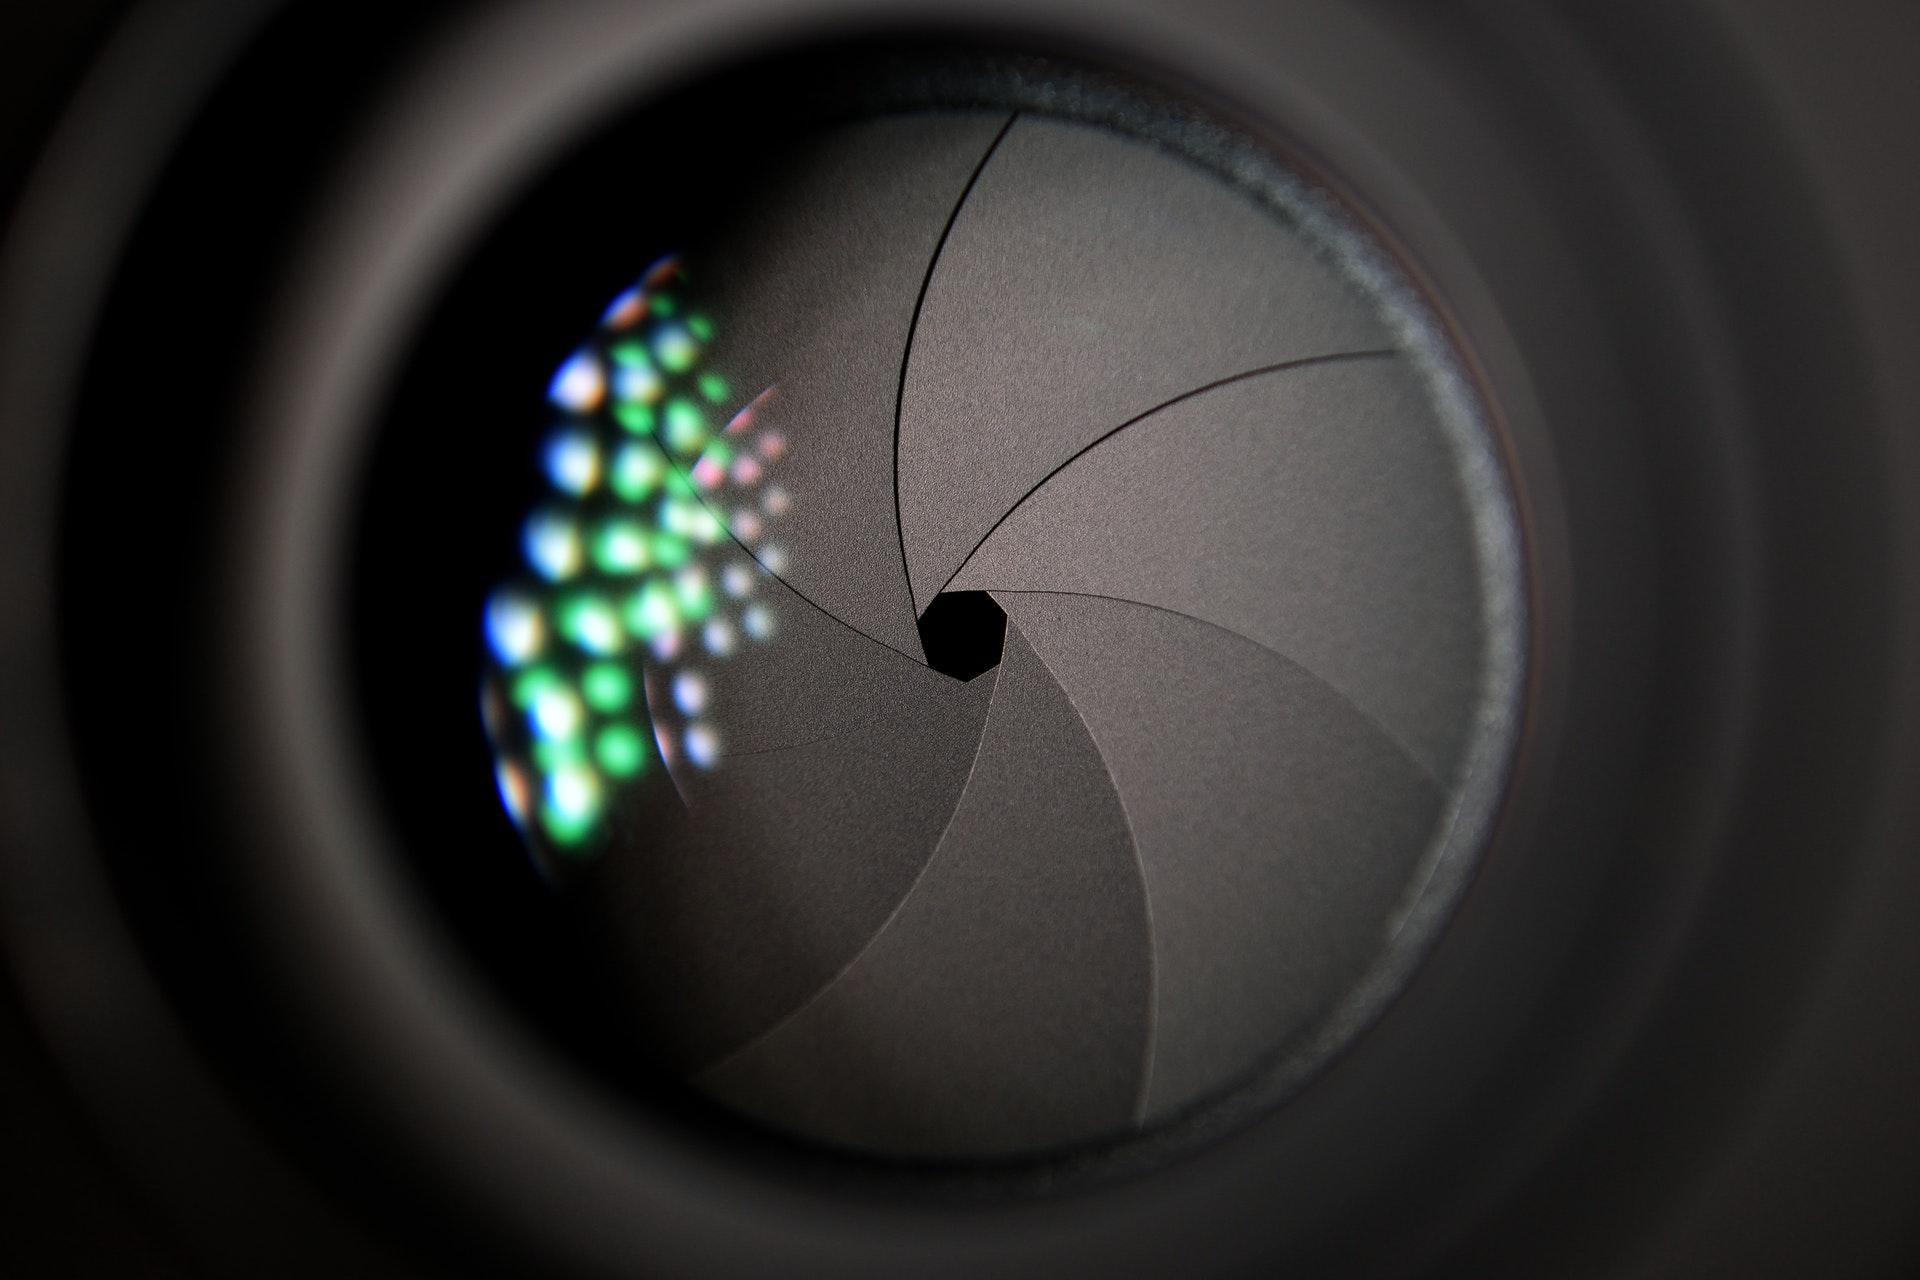 Sweet spot lens